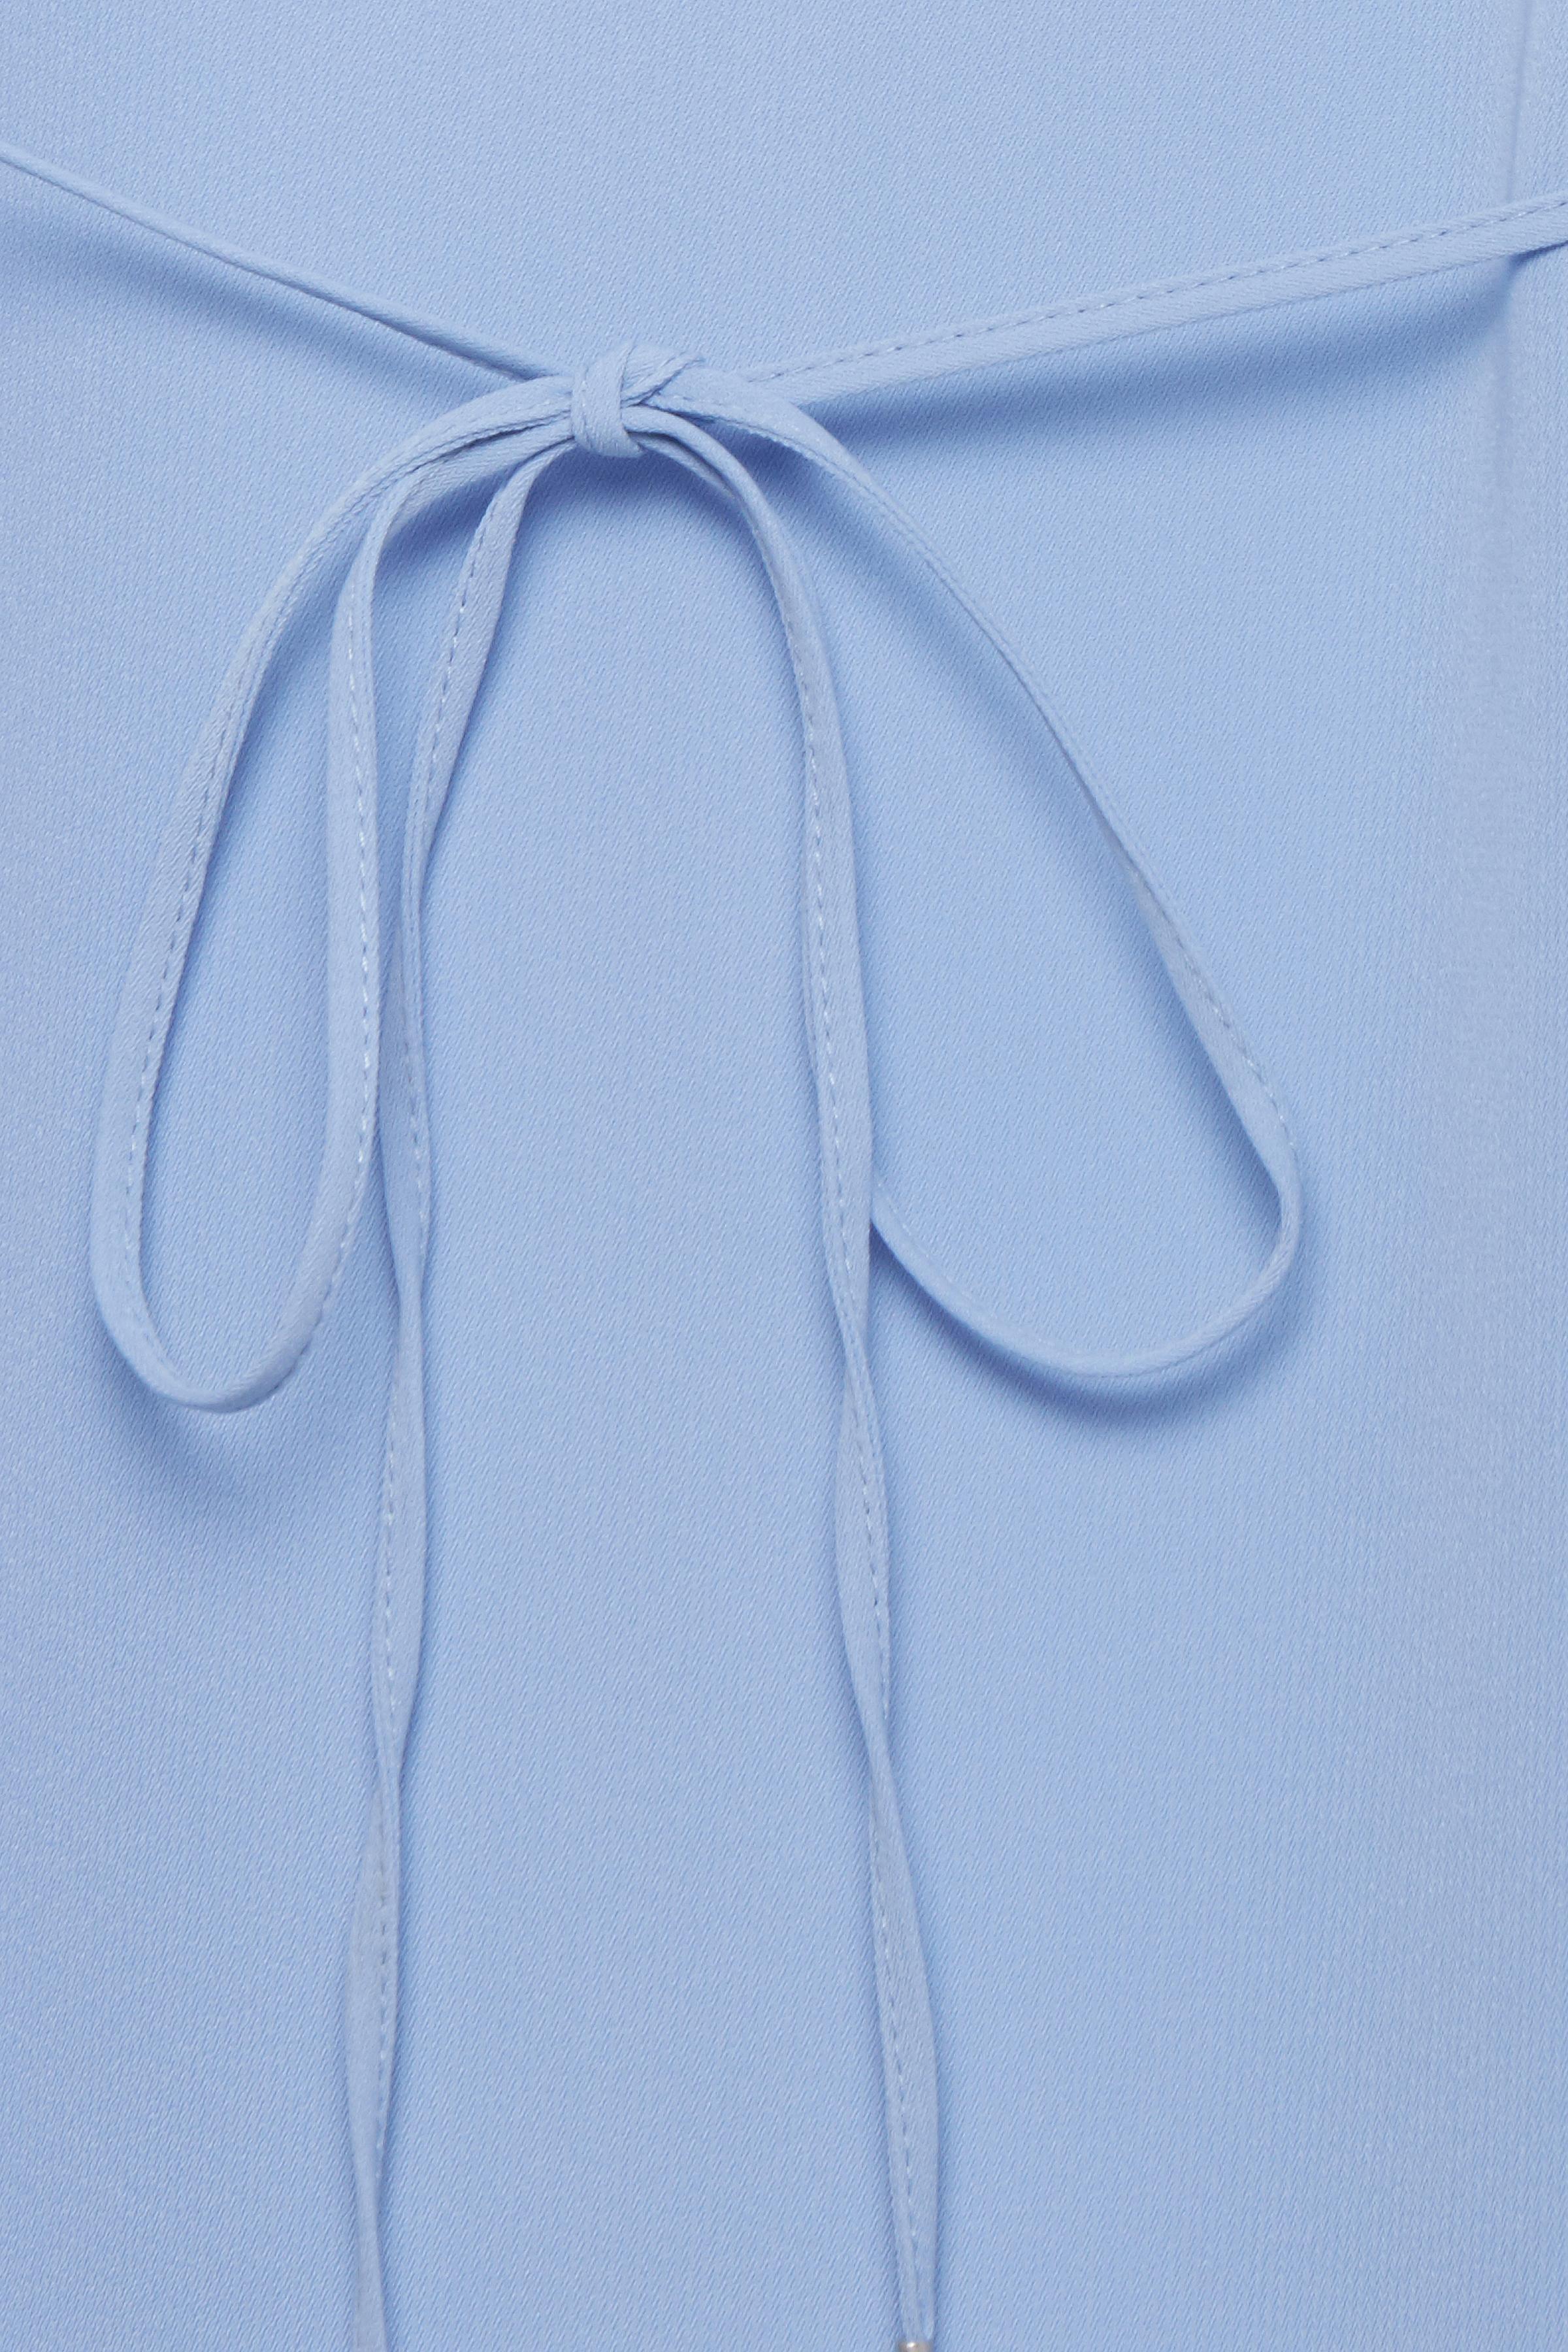 Cornflower Blue Kjole fra b.young – Køb Cornflower Blue Kjole fra str. 34-44 her